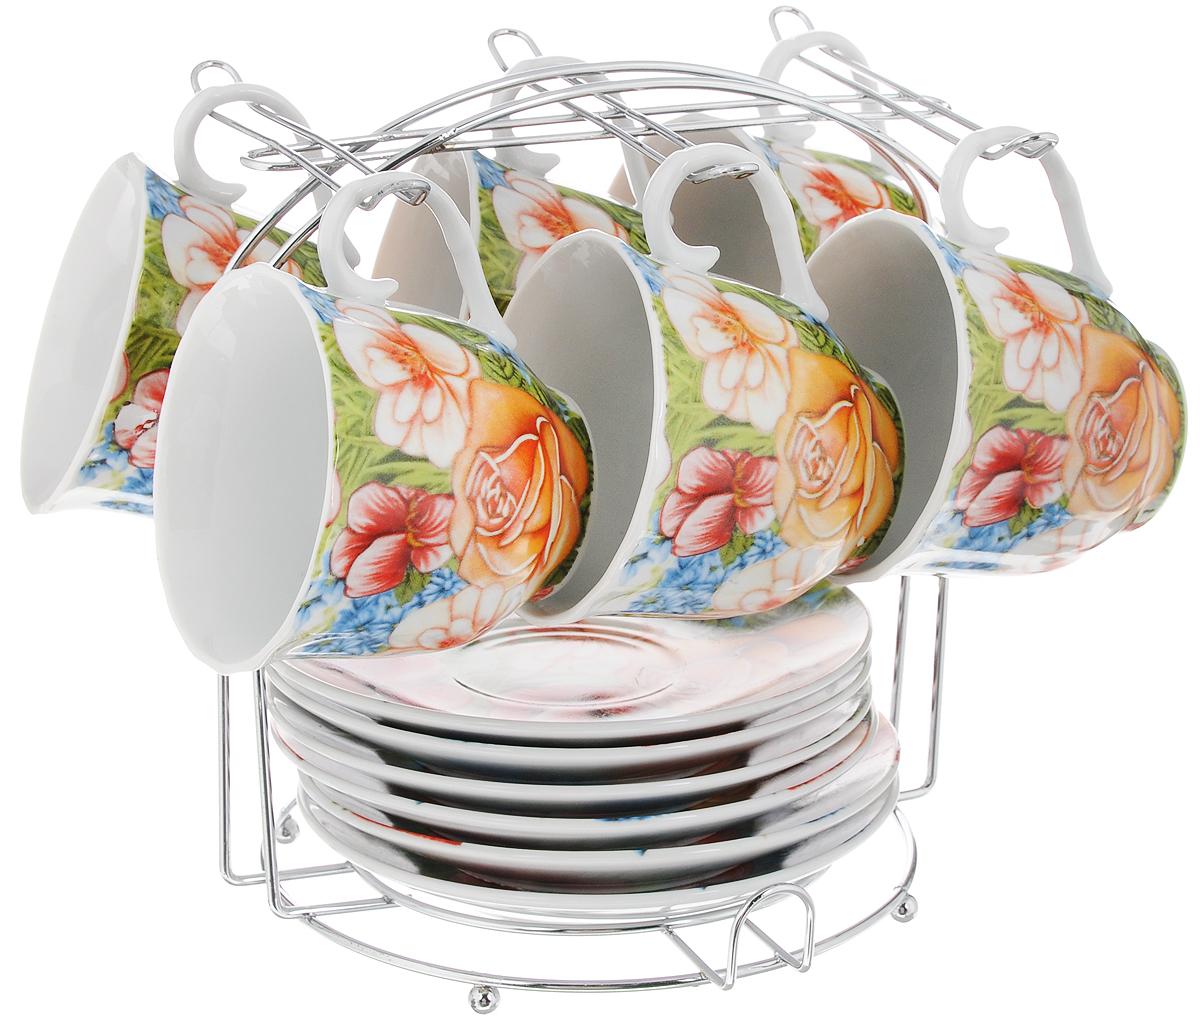 Набор чайный Bella, на подставке, 13 предметов. DL-F6MS-022DL-F6MS-022Набор Bella состоит из шести чашек и шести блюдец, изготовленных из высококачественного фарфора. Чашки оформлены красочным рисунком. Изделия расположены на металлической подставке. Такой набор подходит для подачи чая или кофе.Чайный набор Bella - идеальный и необходимый подарок для вашего дома и для ваших друзей в праздники.Объем чашки: 220 мл. Диаметр чашки (по верхнему краю): 8 см. Высота чашки: 7,5 см. Диаметр блюдца: 14 см. Высота блюдца: 2 см.Размер подставки: 17,5 х 17,5 х 19 см.